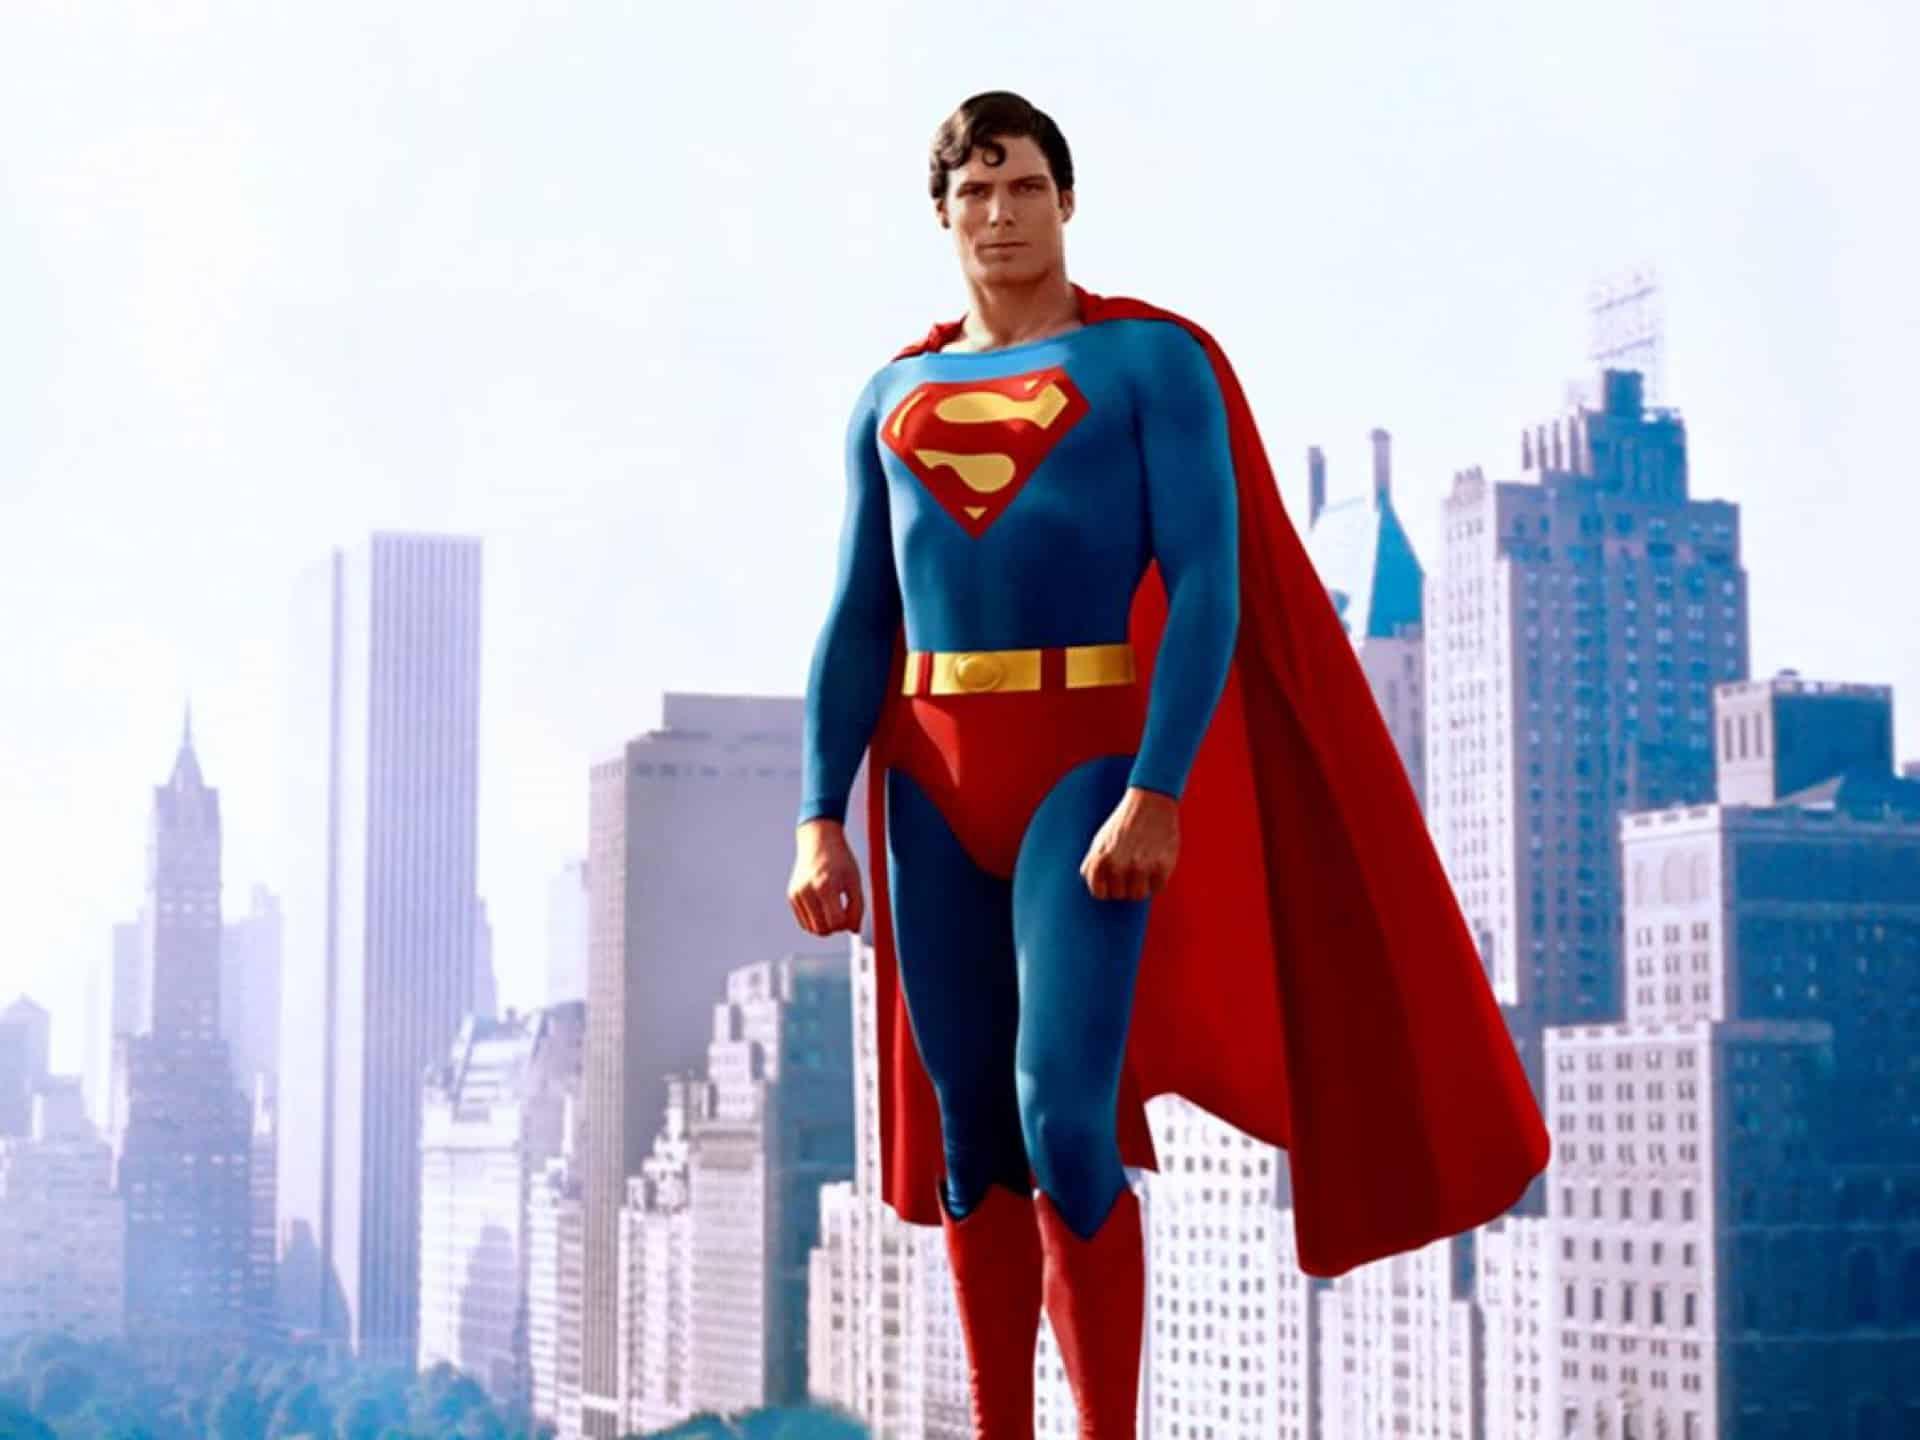 Tak ako v komiksoch, aj vo filmoch všetko začalo DC so Supermanom